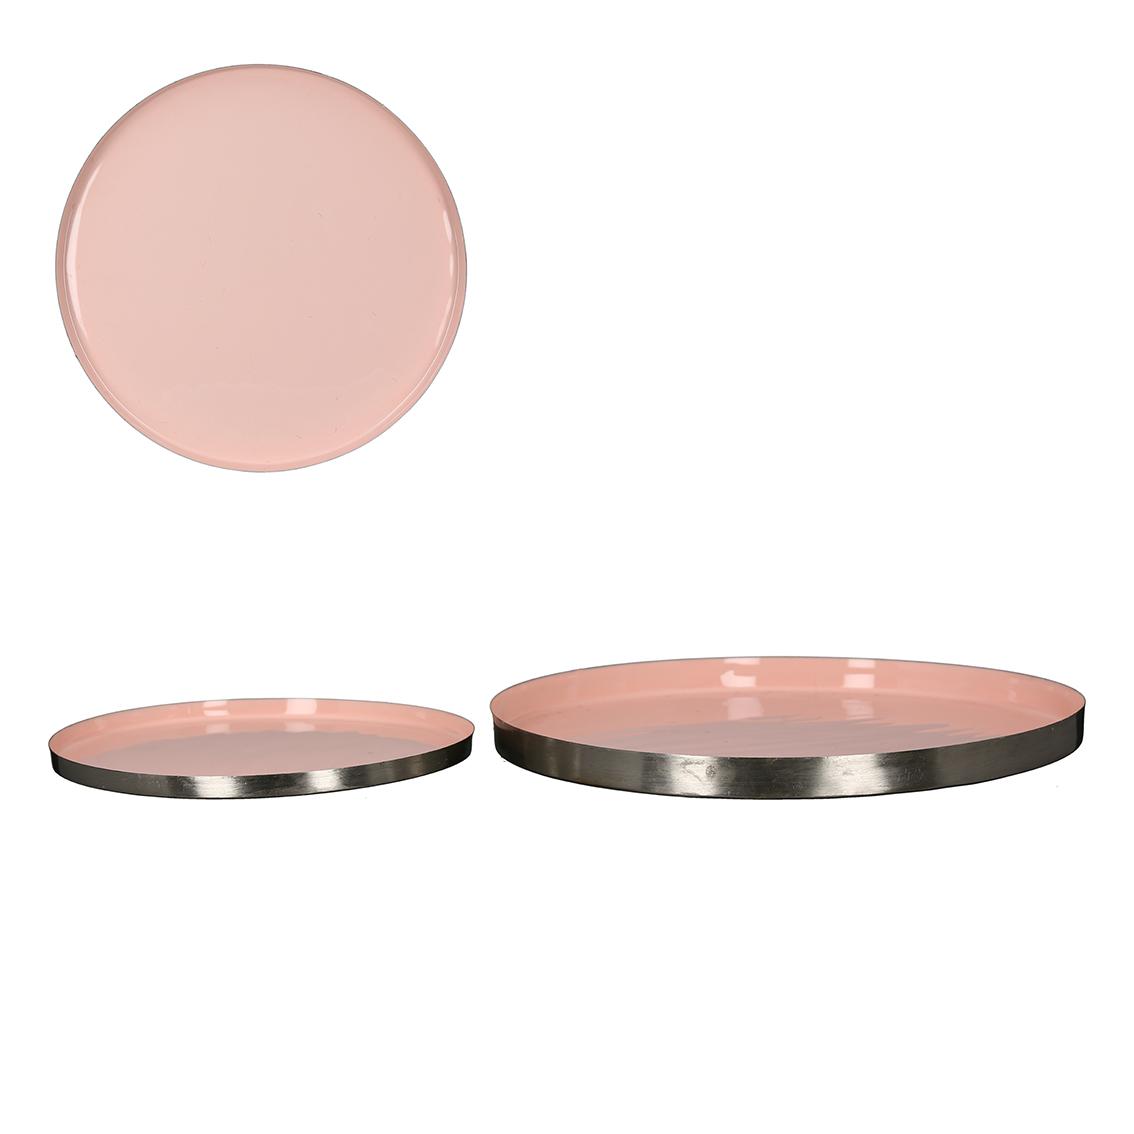 Dekorativní talíř Jake, 30 cm, růžová / stříbrná